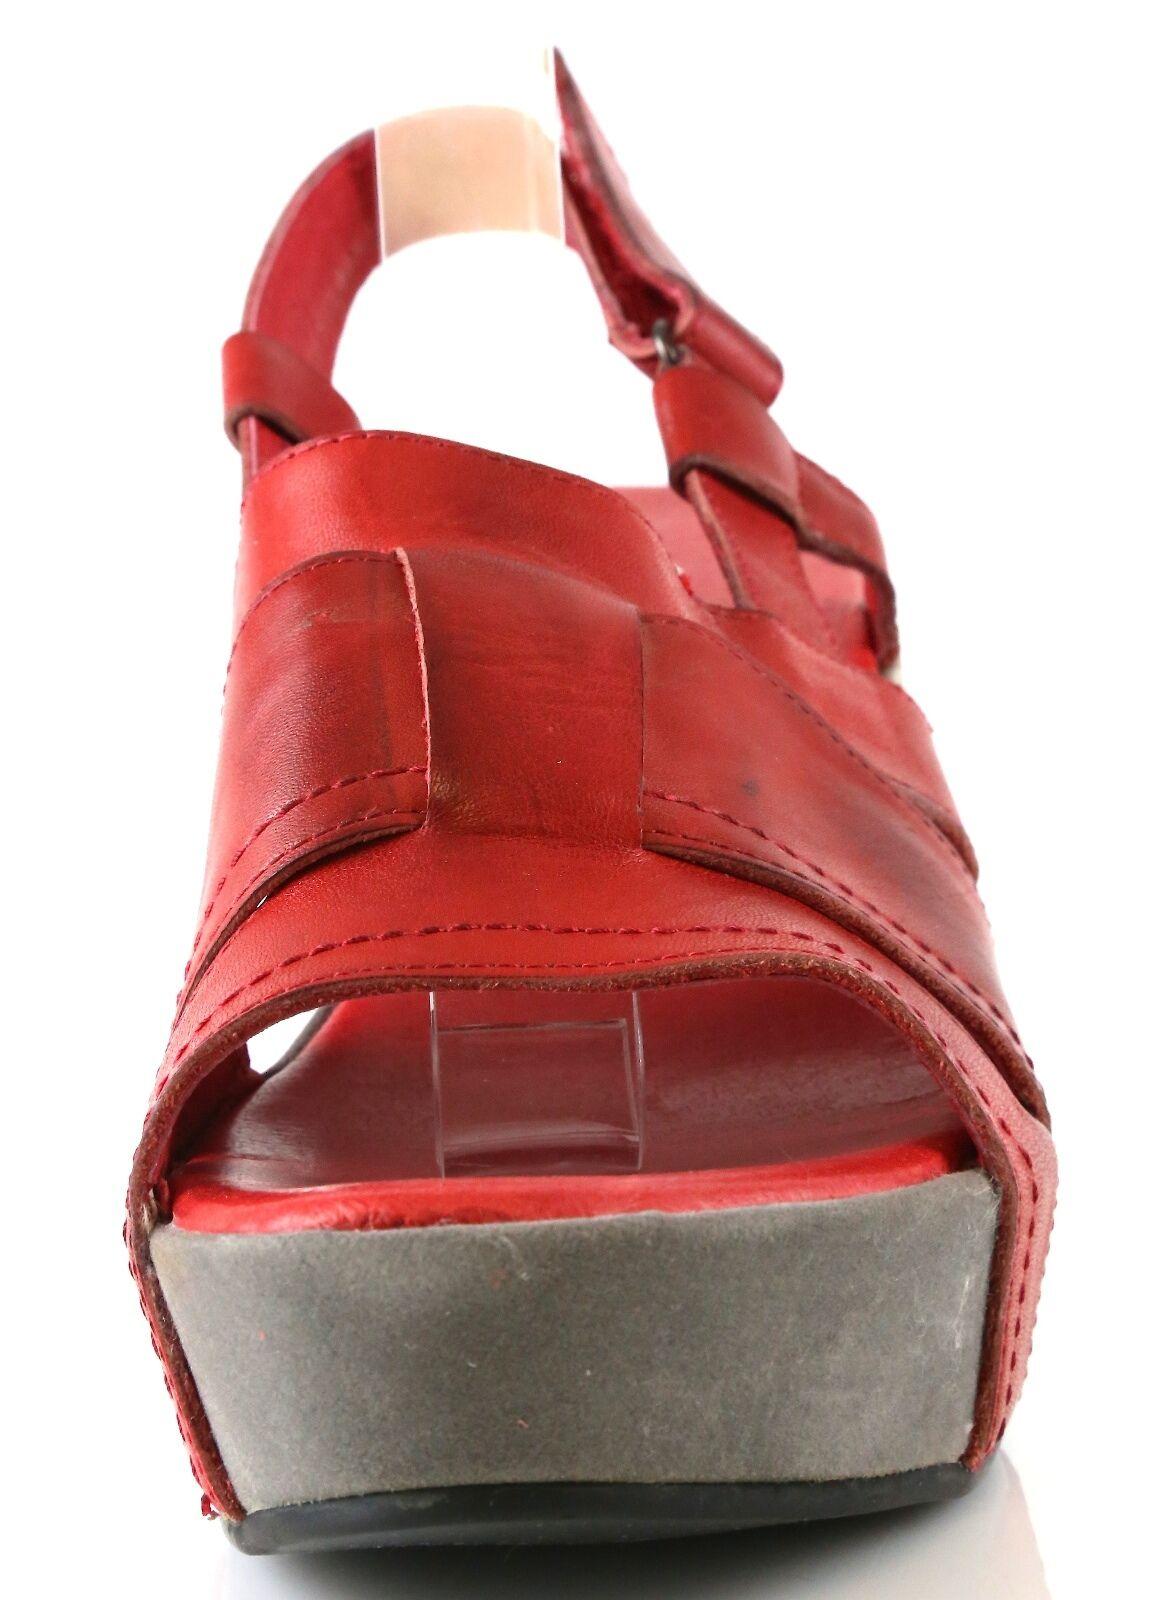 Antelope 867 Größe ROT Leder Ankle Strap Wedge Sandales 7052 Größe 867 40 EU NEW 5bb5dc